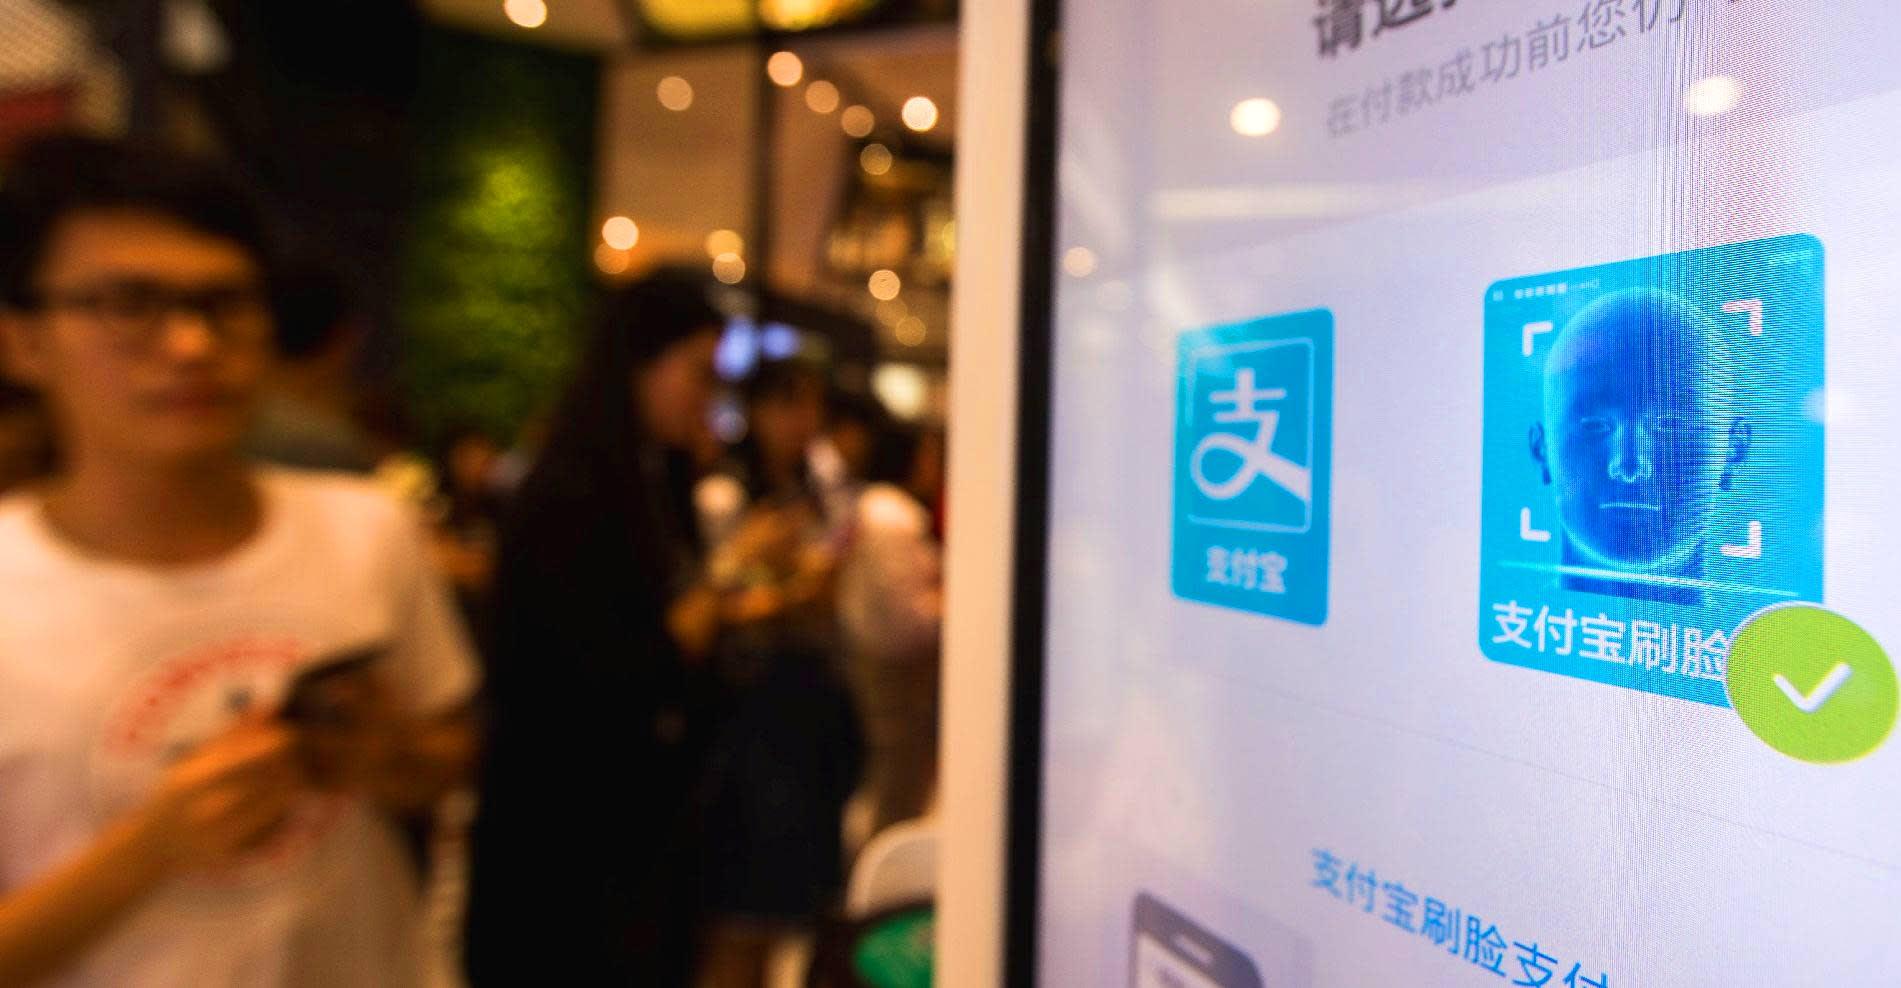 Китай вводит обязательное сканирование лица при получении нового номера телефона - 1